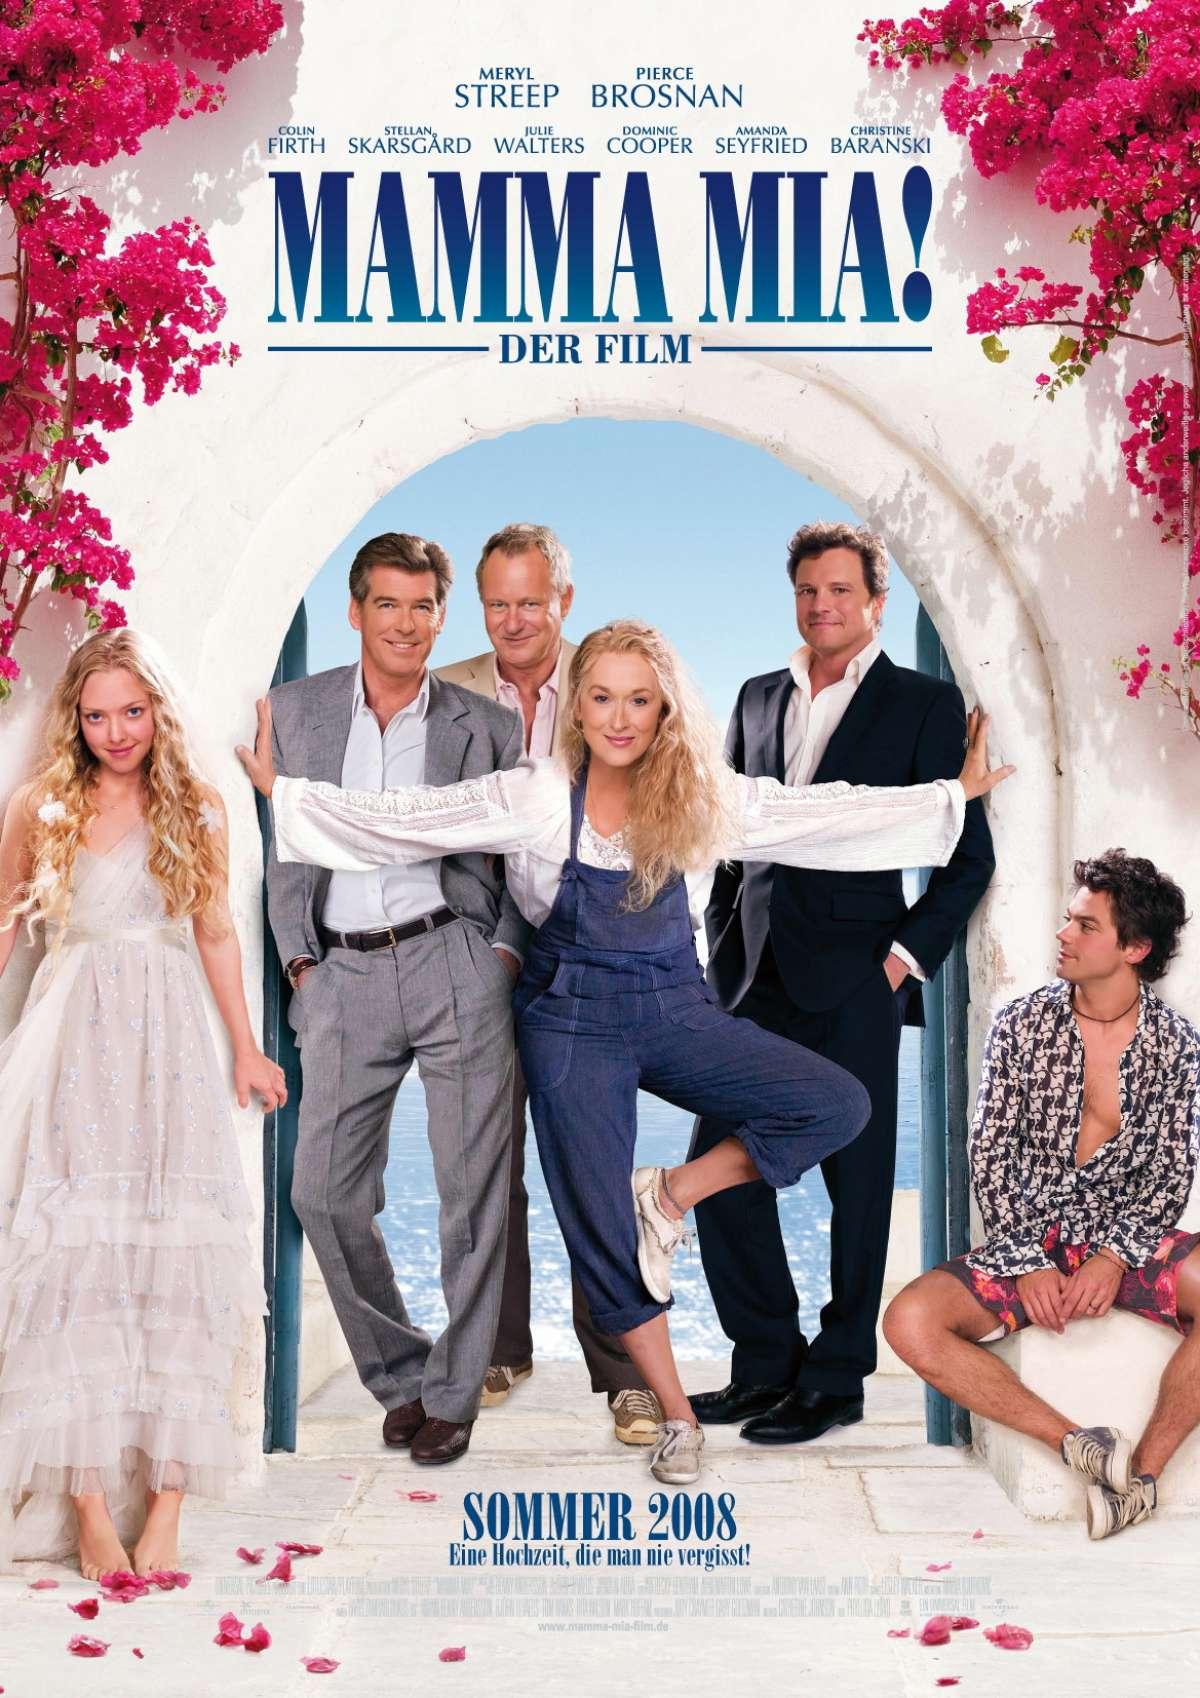 Mamma Mia! - Autokino  Festplatz Werdchen - Eschwege